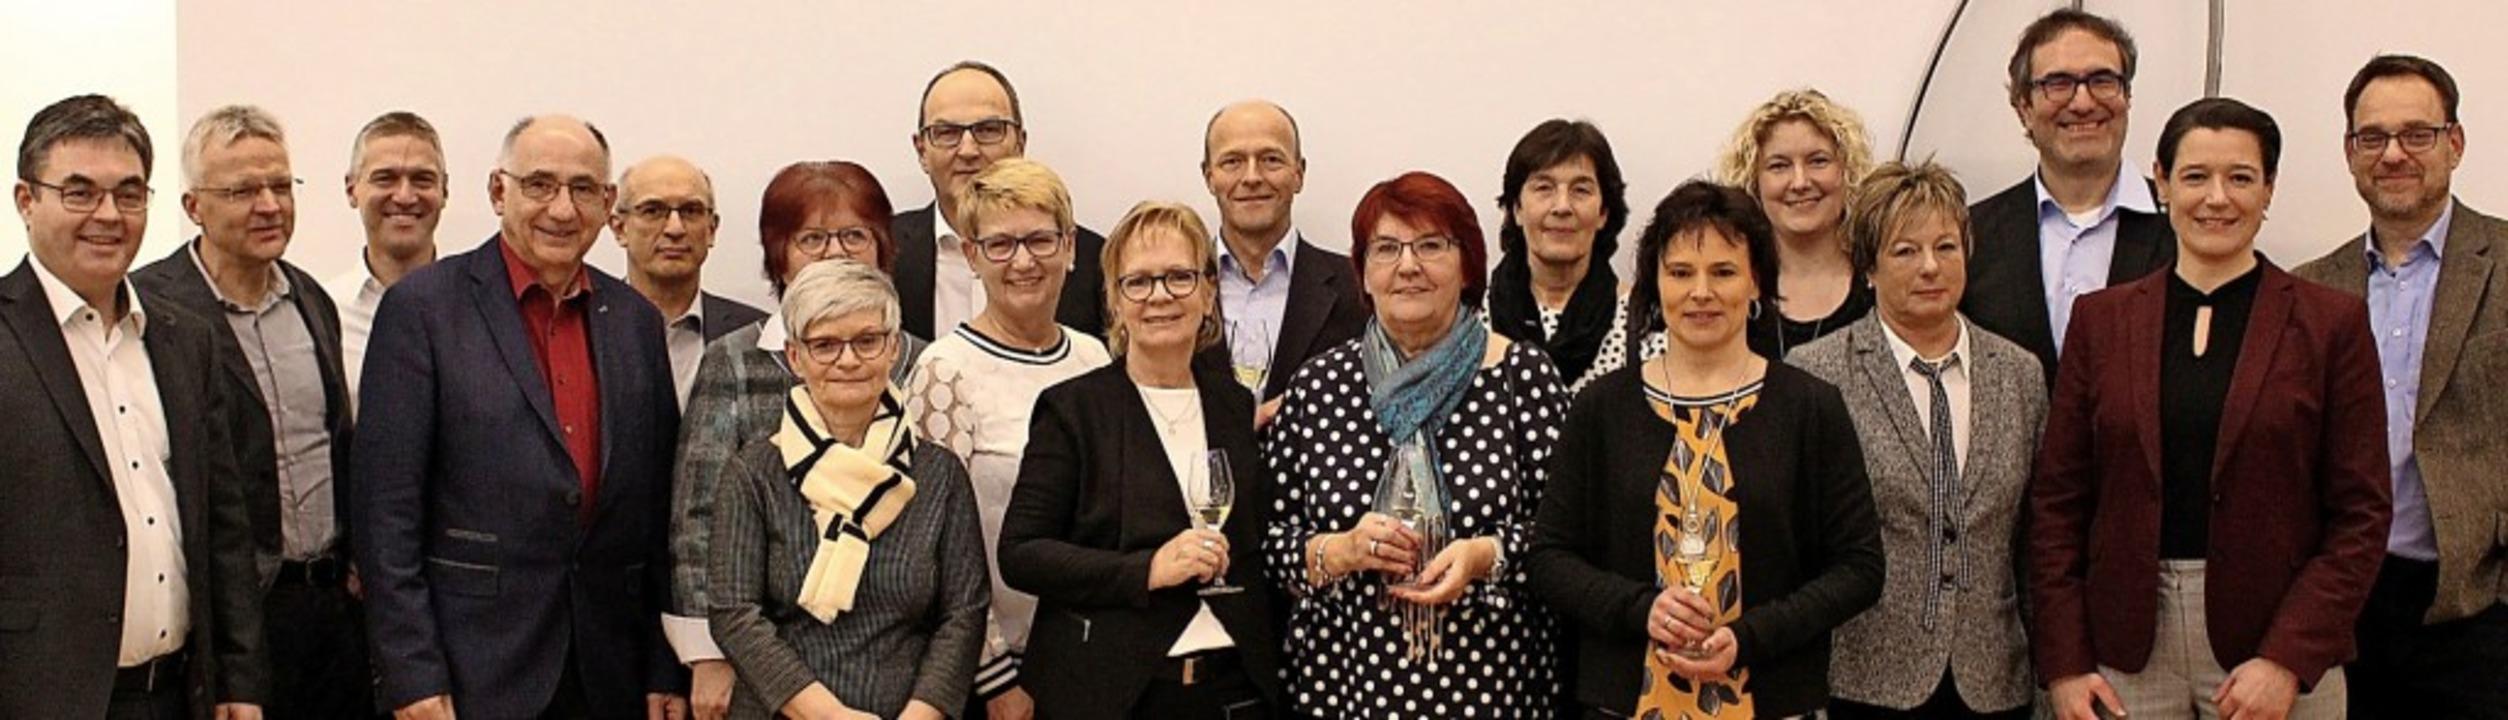 Die Volksbank-Jubilare mit dem Vorstand.  | Foto: Privat